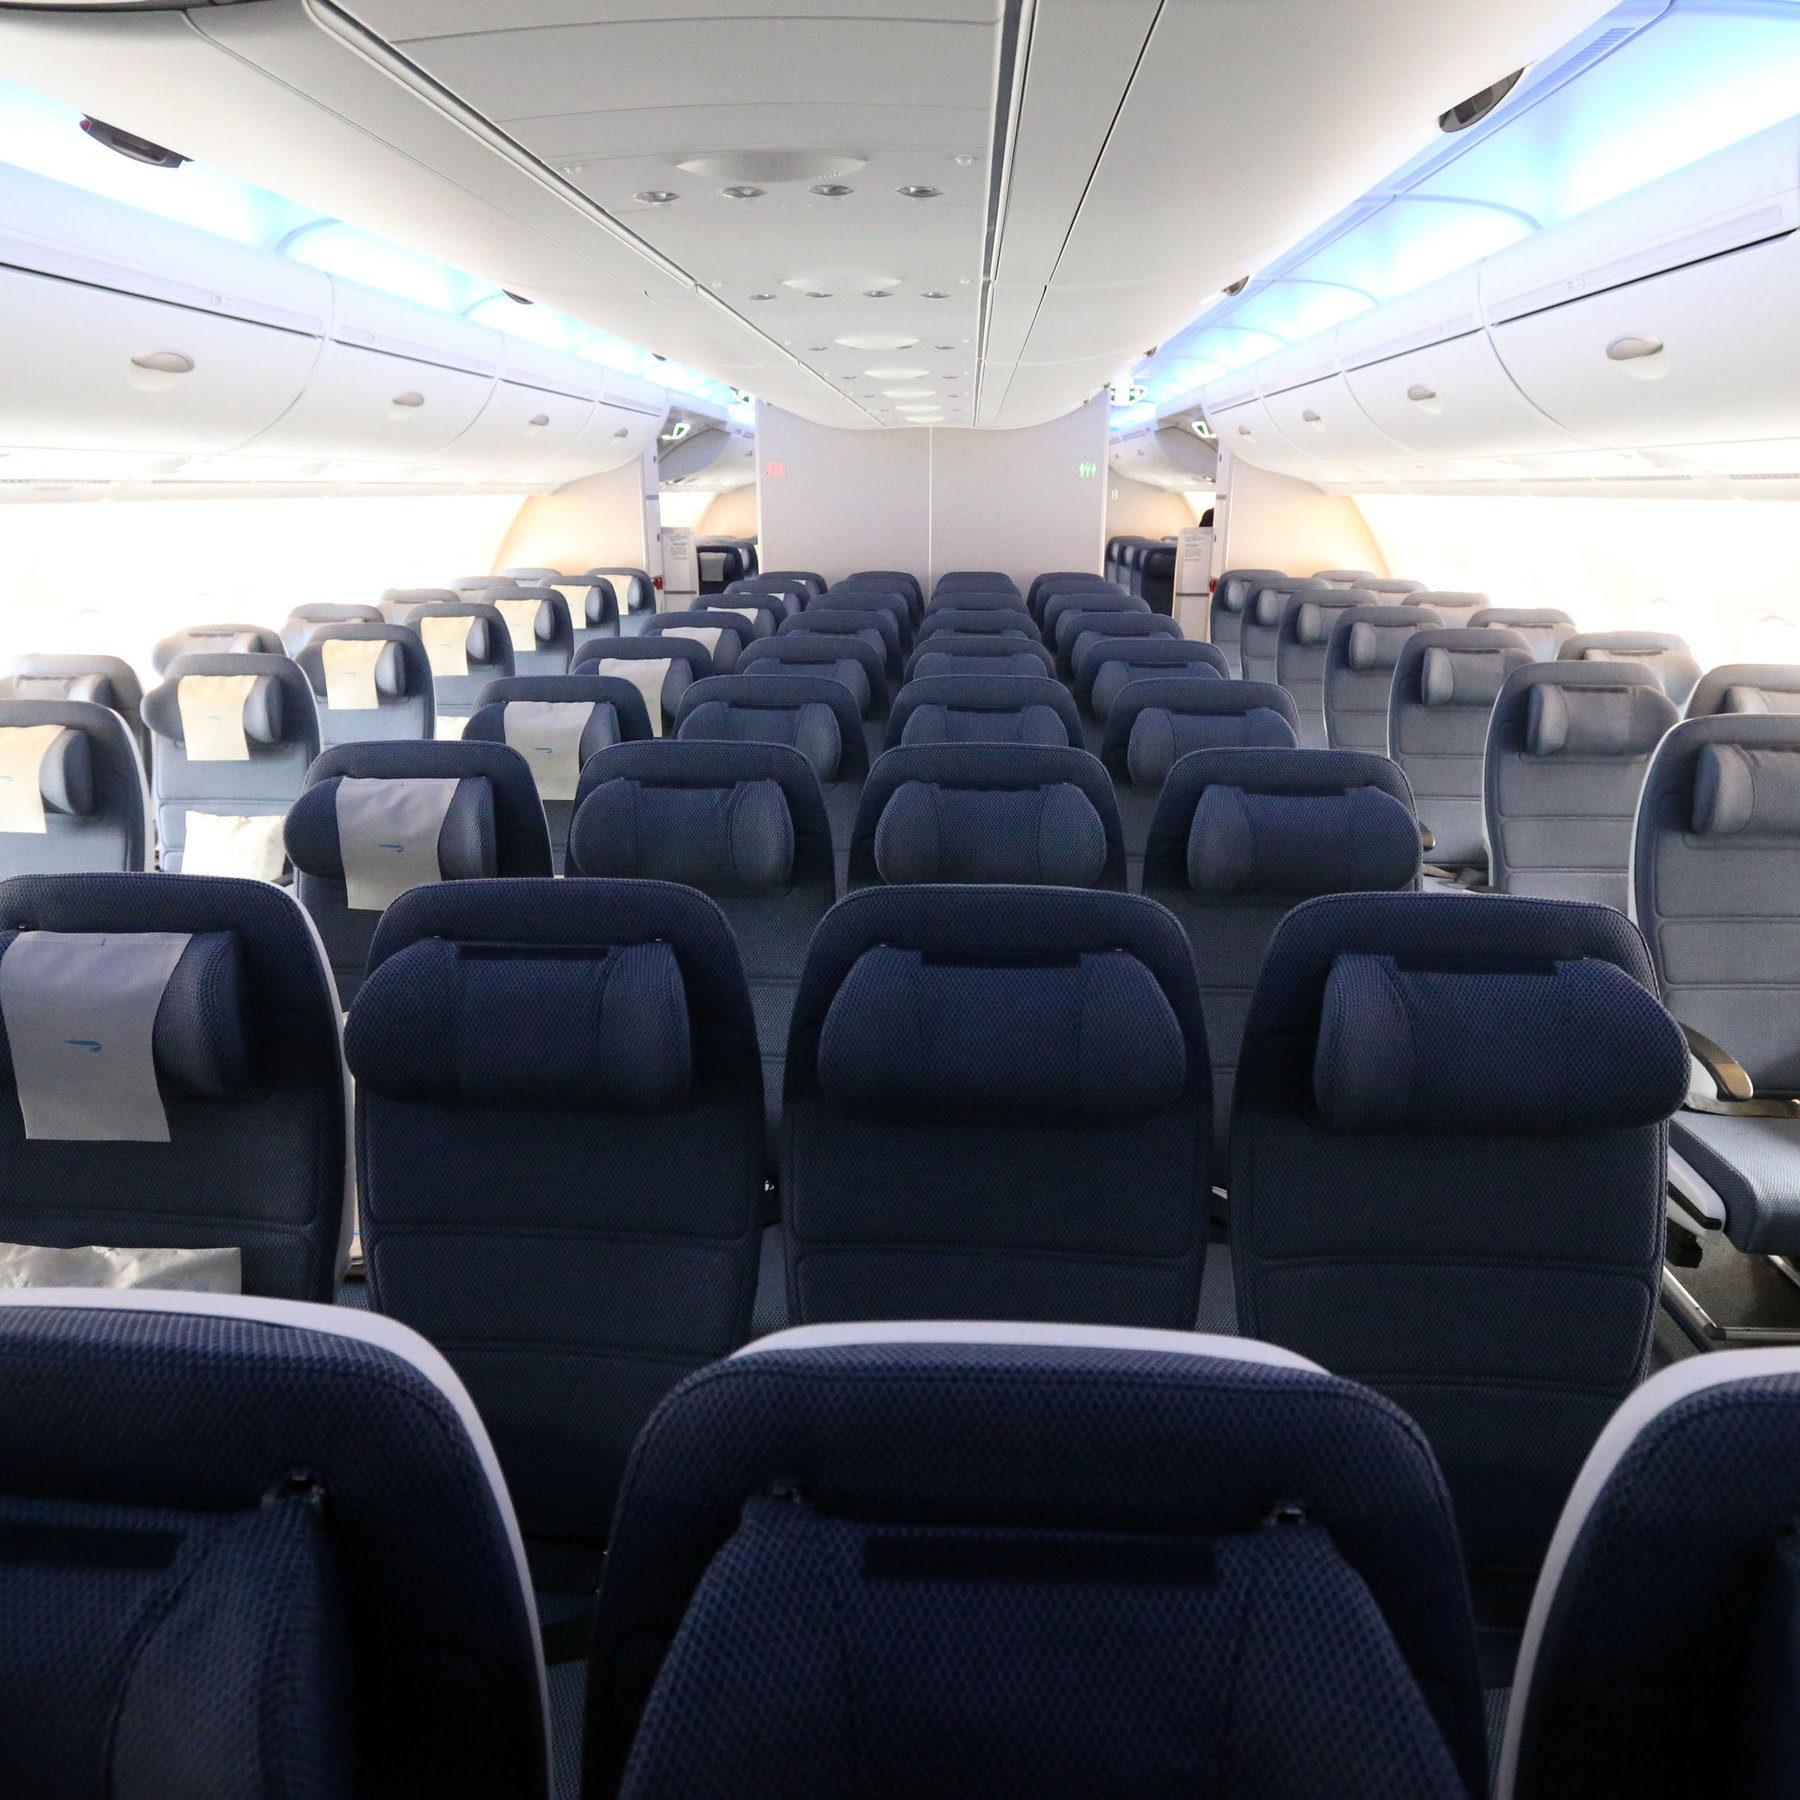 搭長途飛機最佳座位